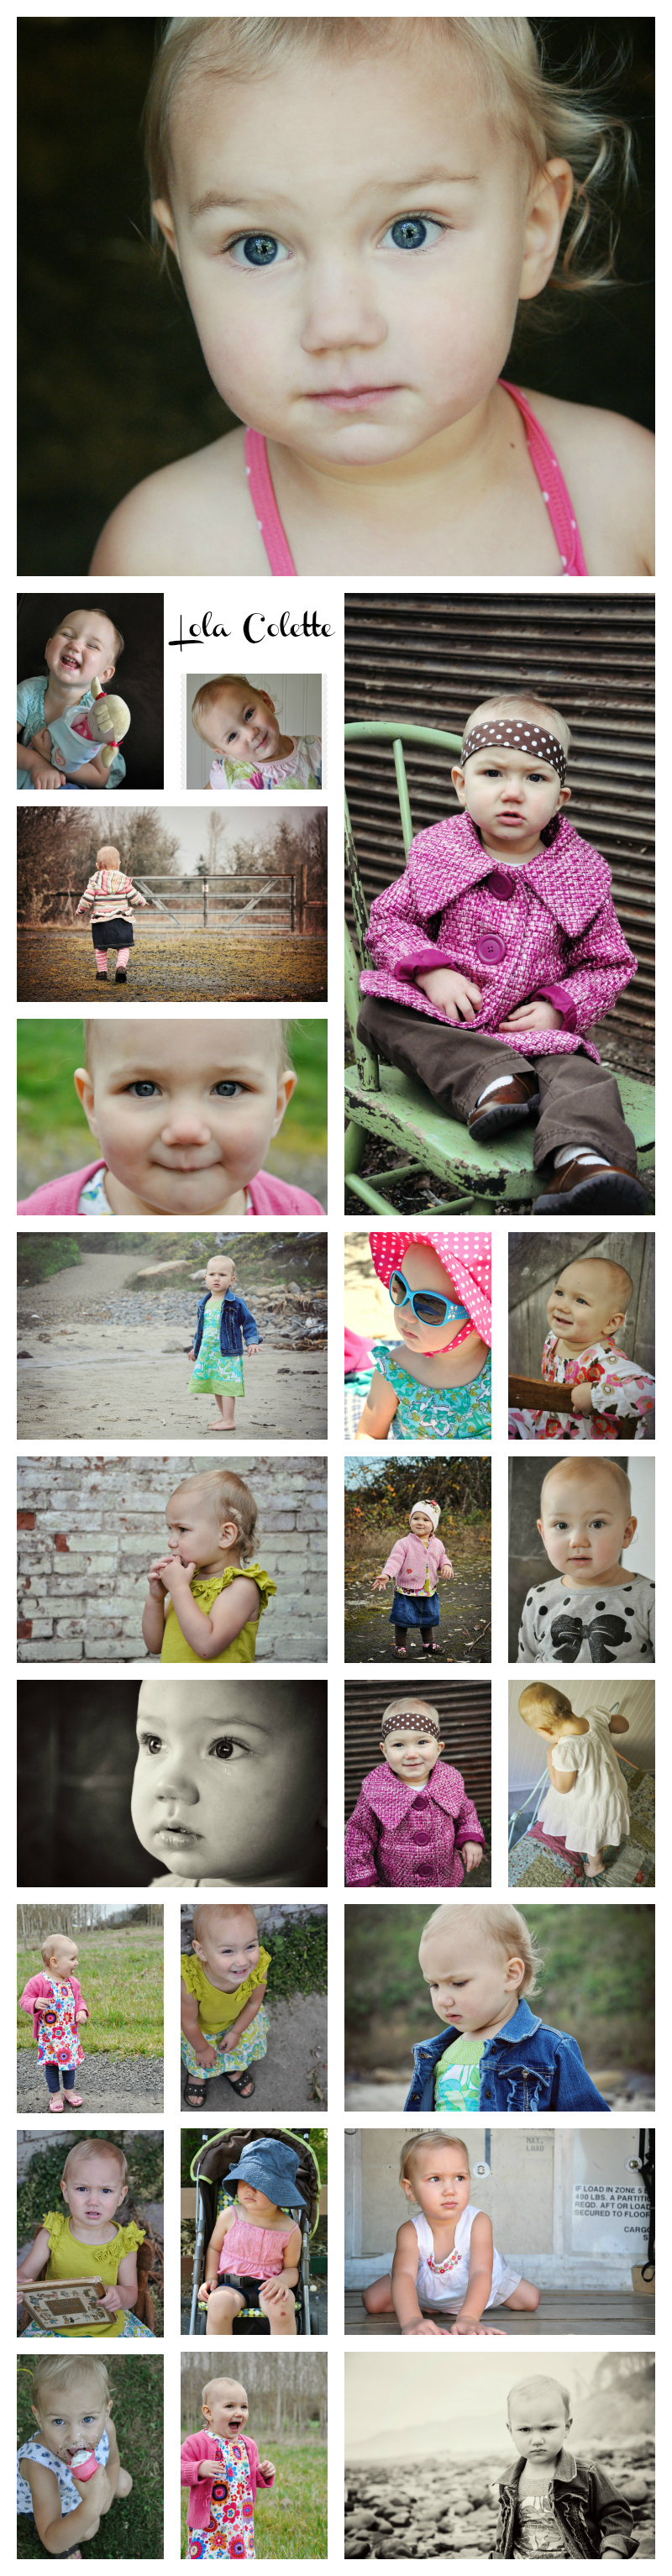 Lola Colette 1-2 Collage